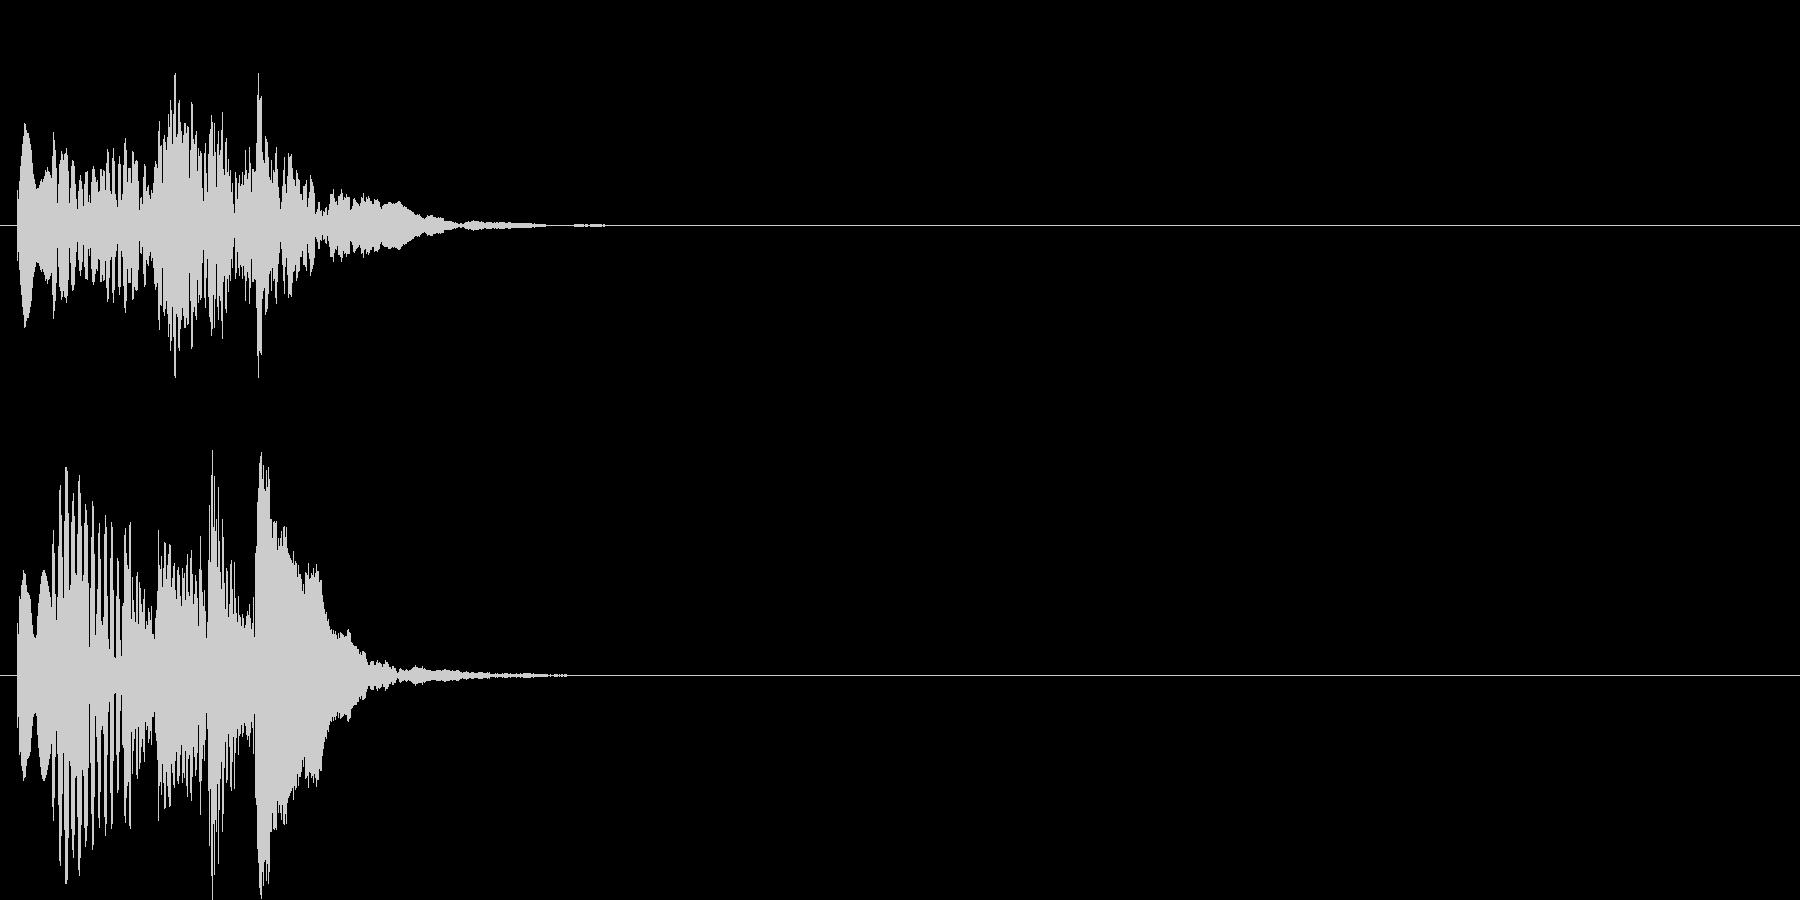 グリッサンド03 マリンバ(上昇)の未再生の波形